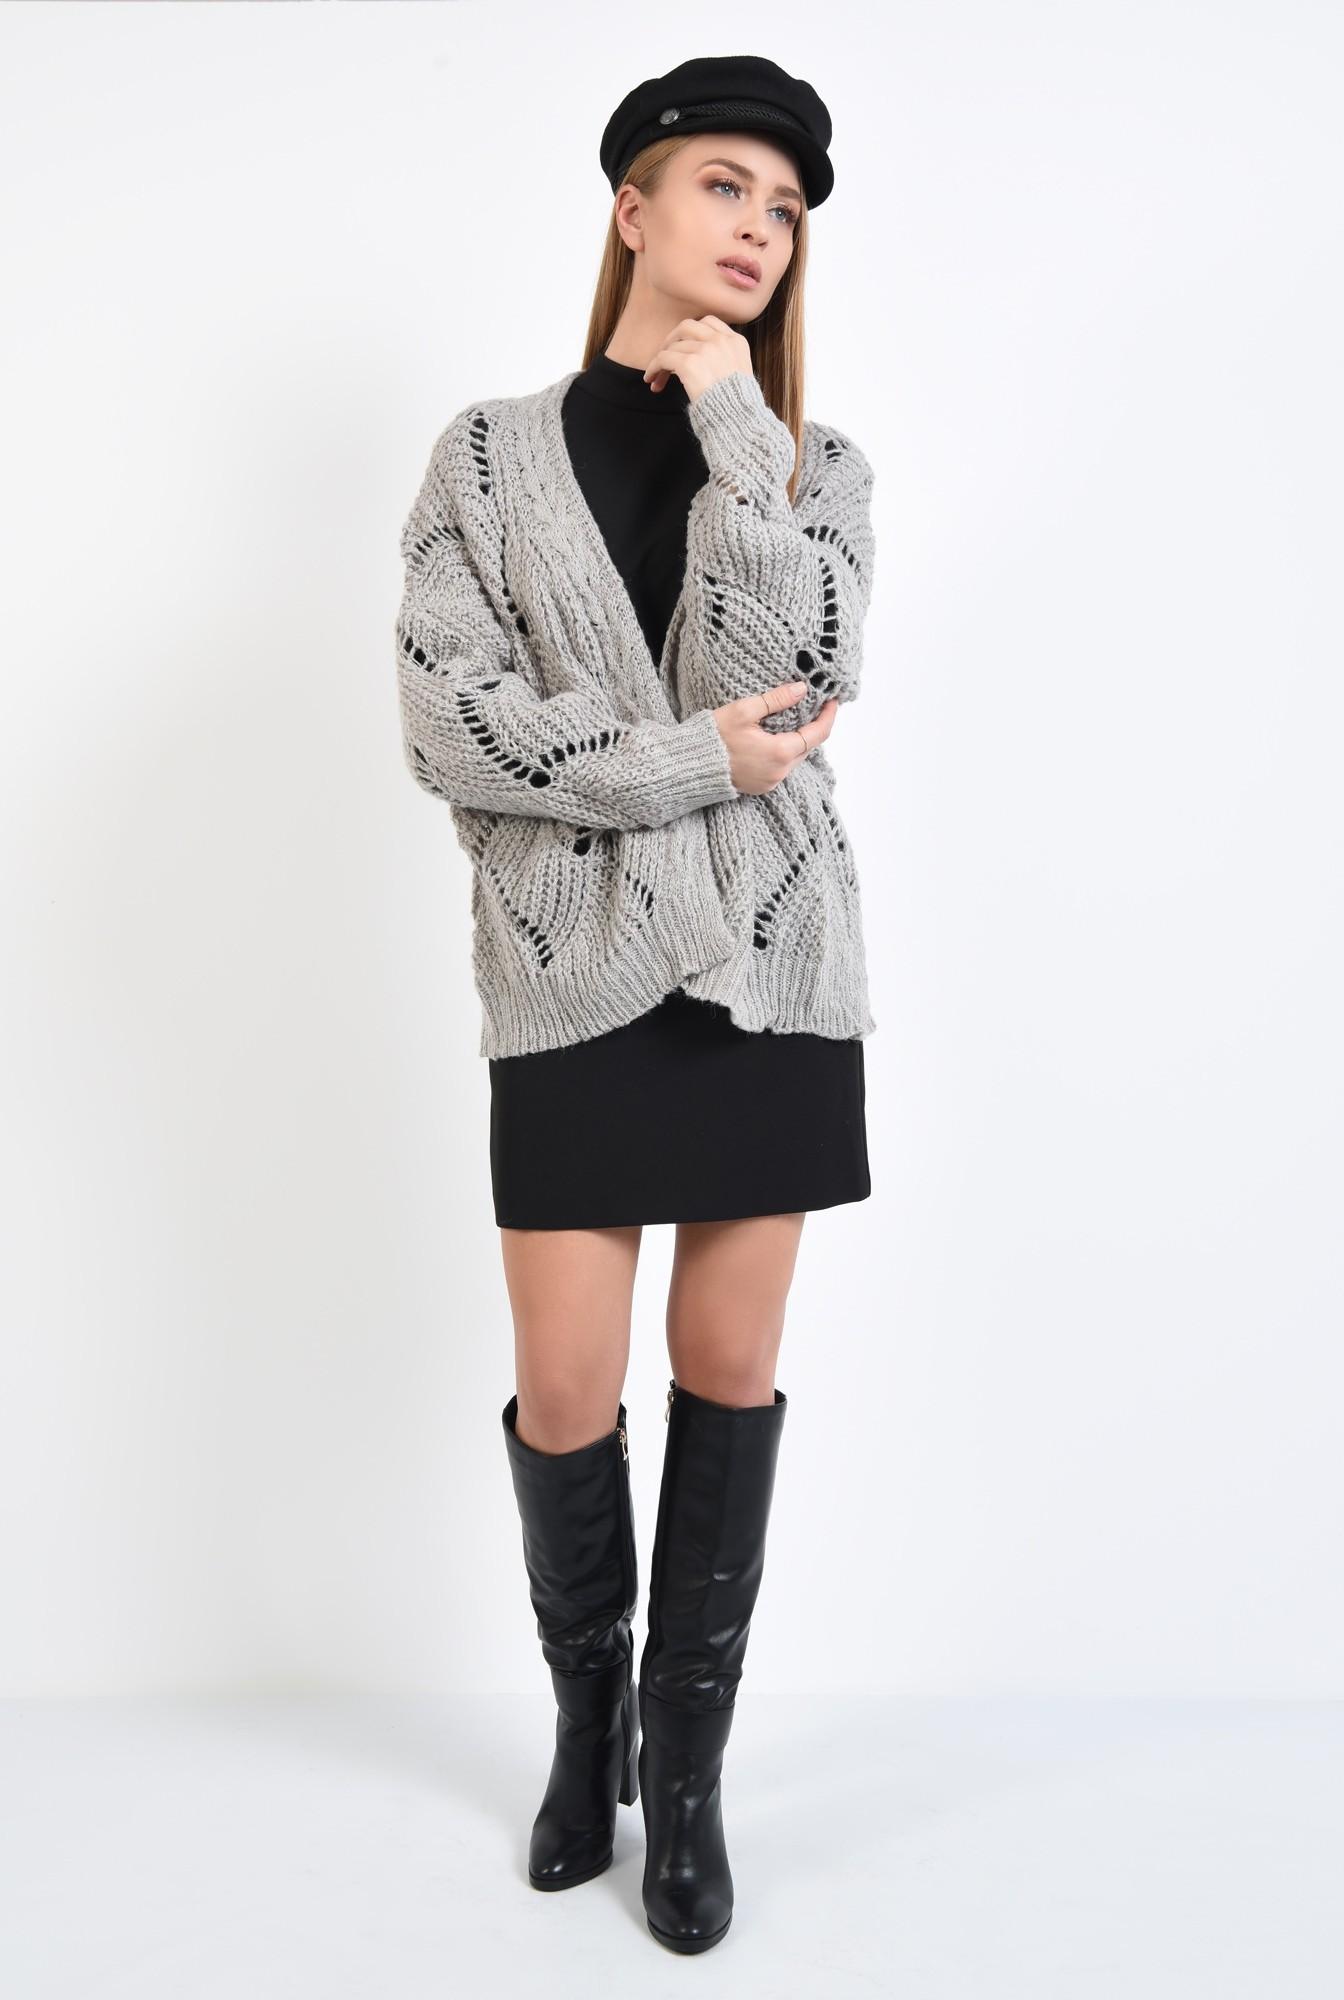 3 - cardigan tricotat, gri, fara sistem de inchidere, cu gaurele